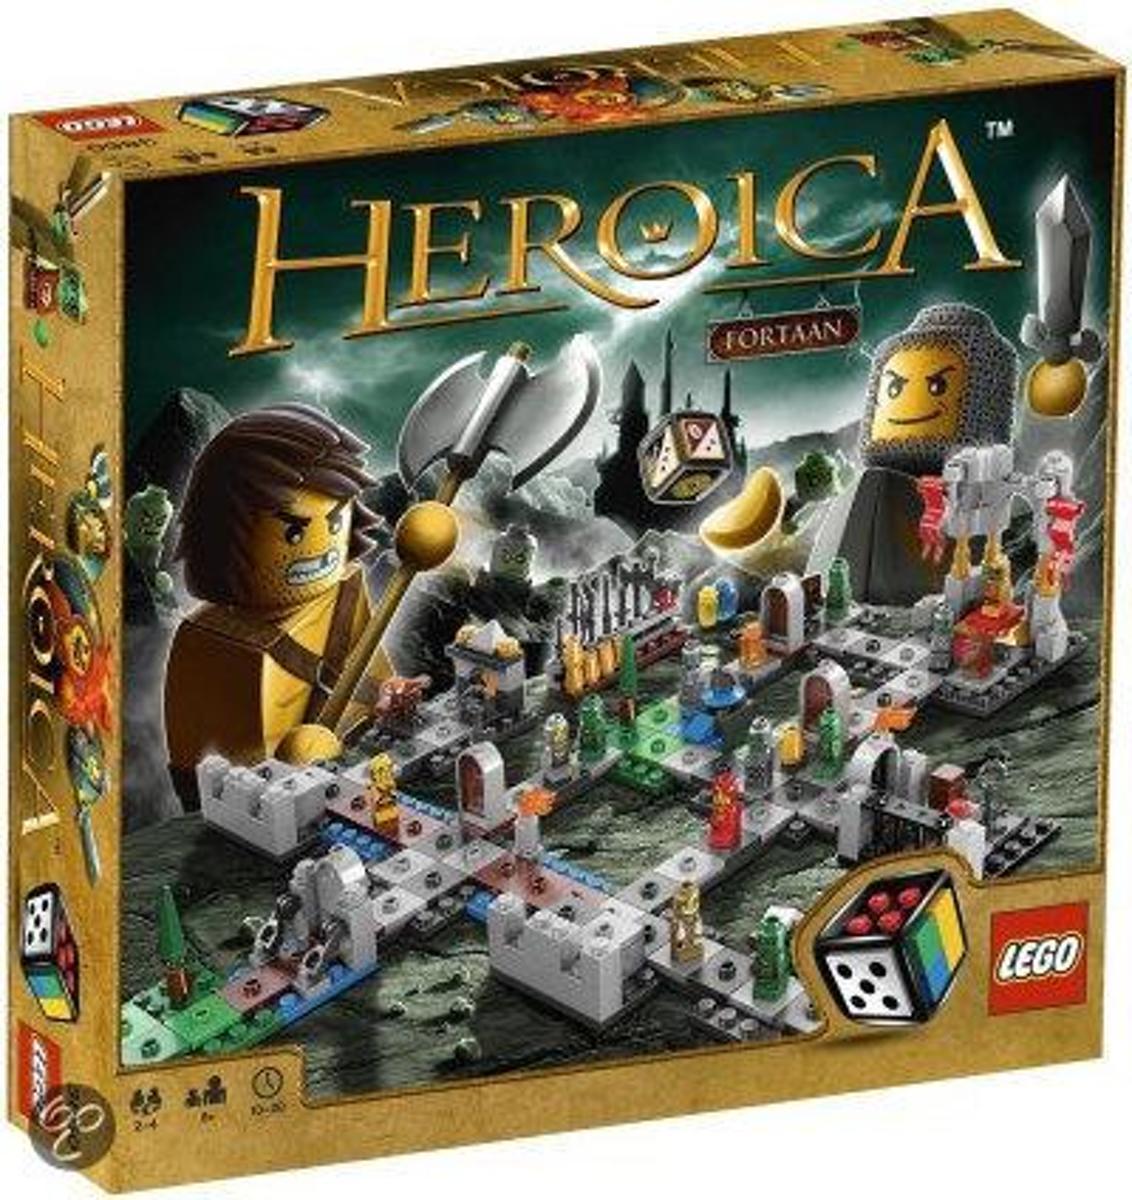 Lego Spel: heroica slot fortaan (3860)